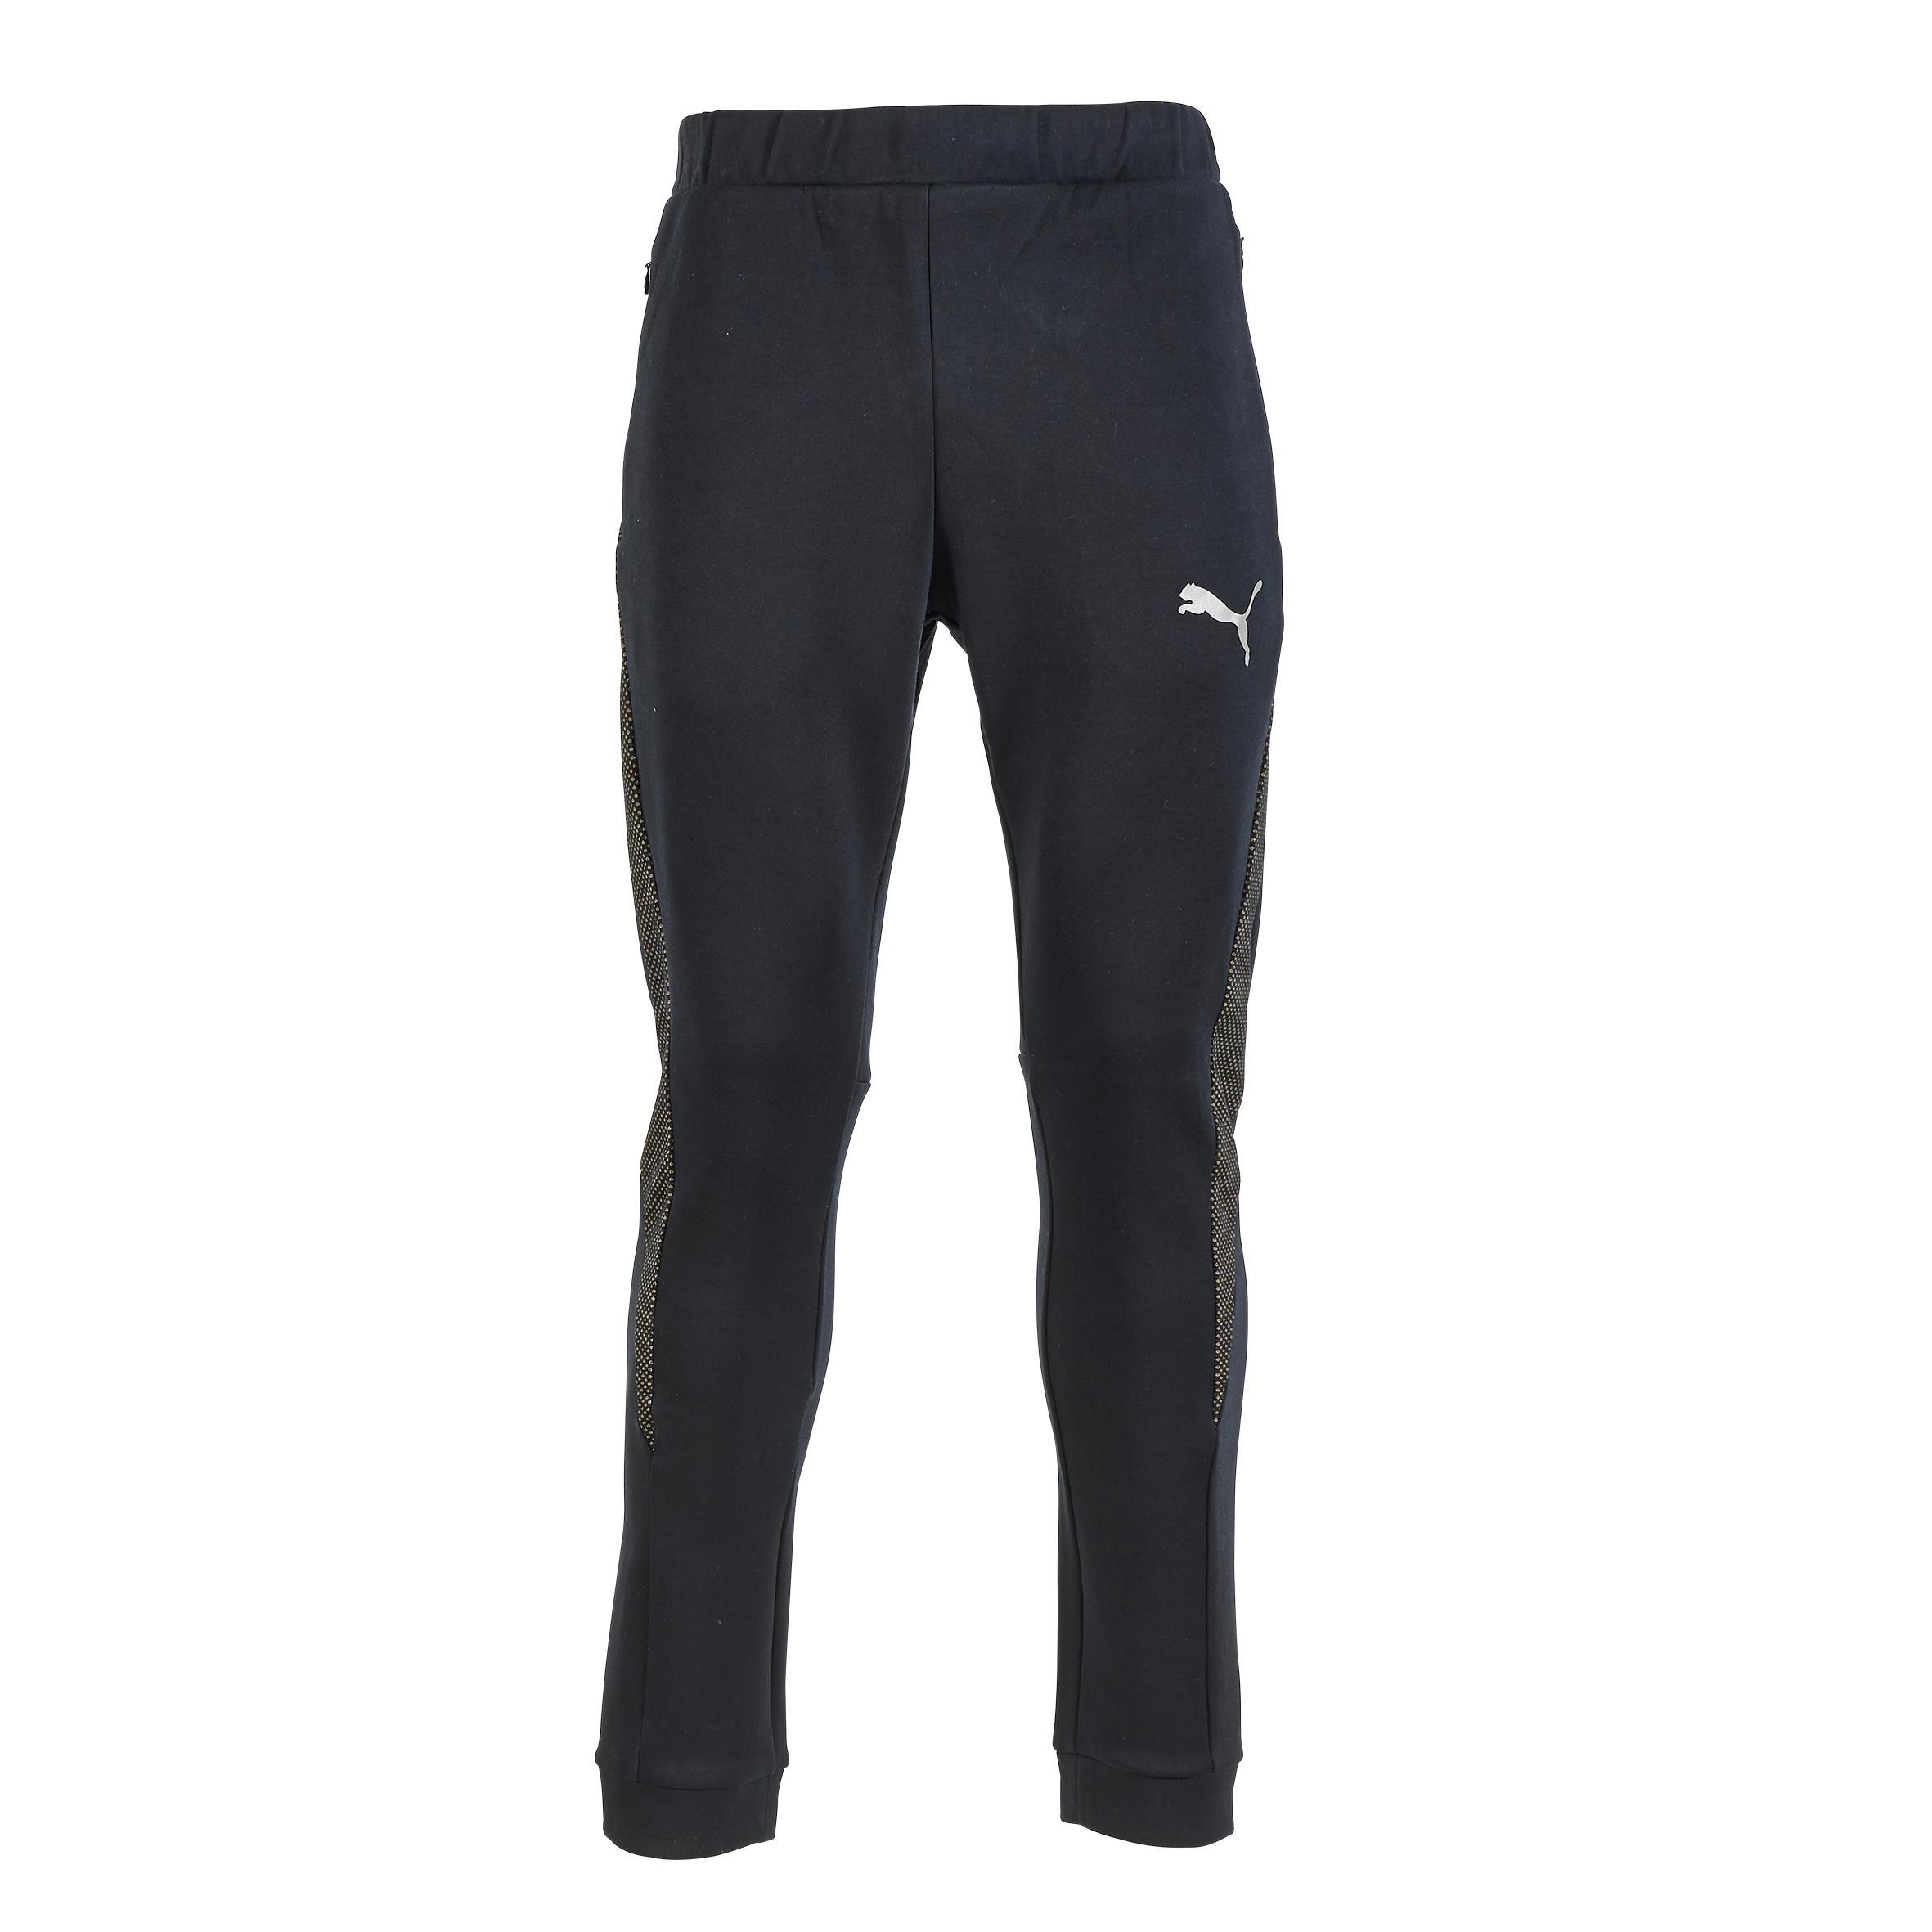 Puma Herenbroek voor gym en pilates zwart